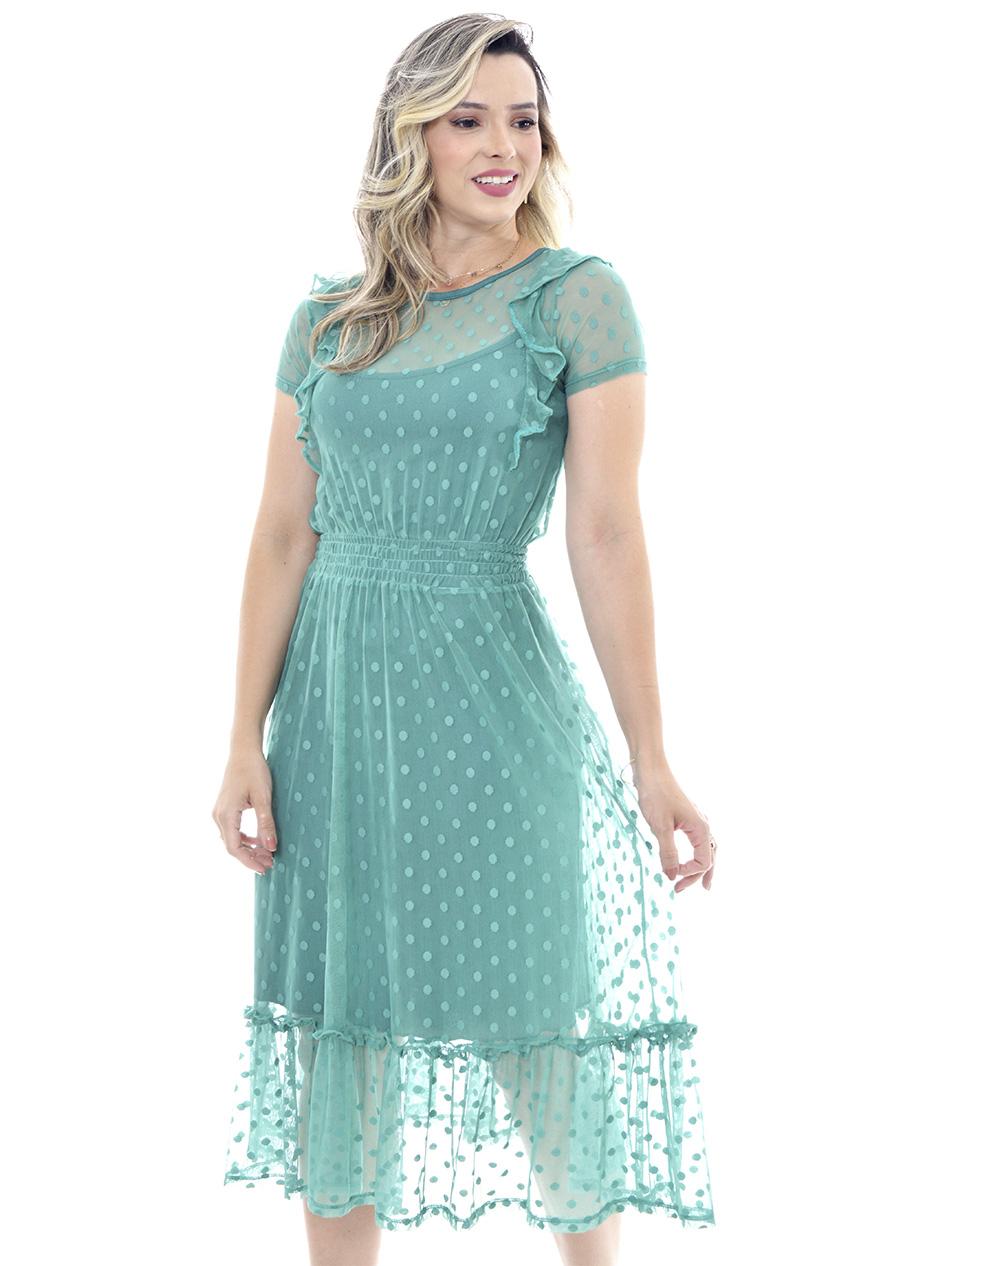 vestido em tule de poas, modelagem levemente solta